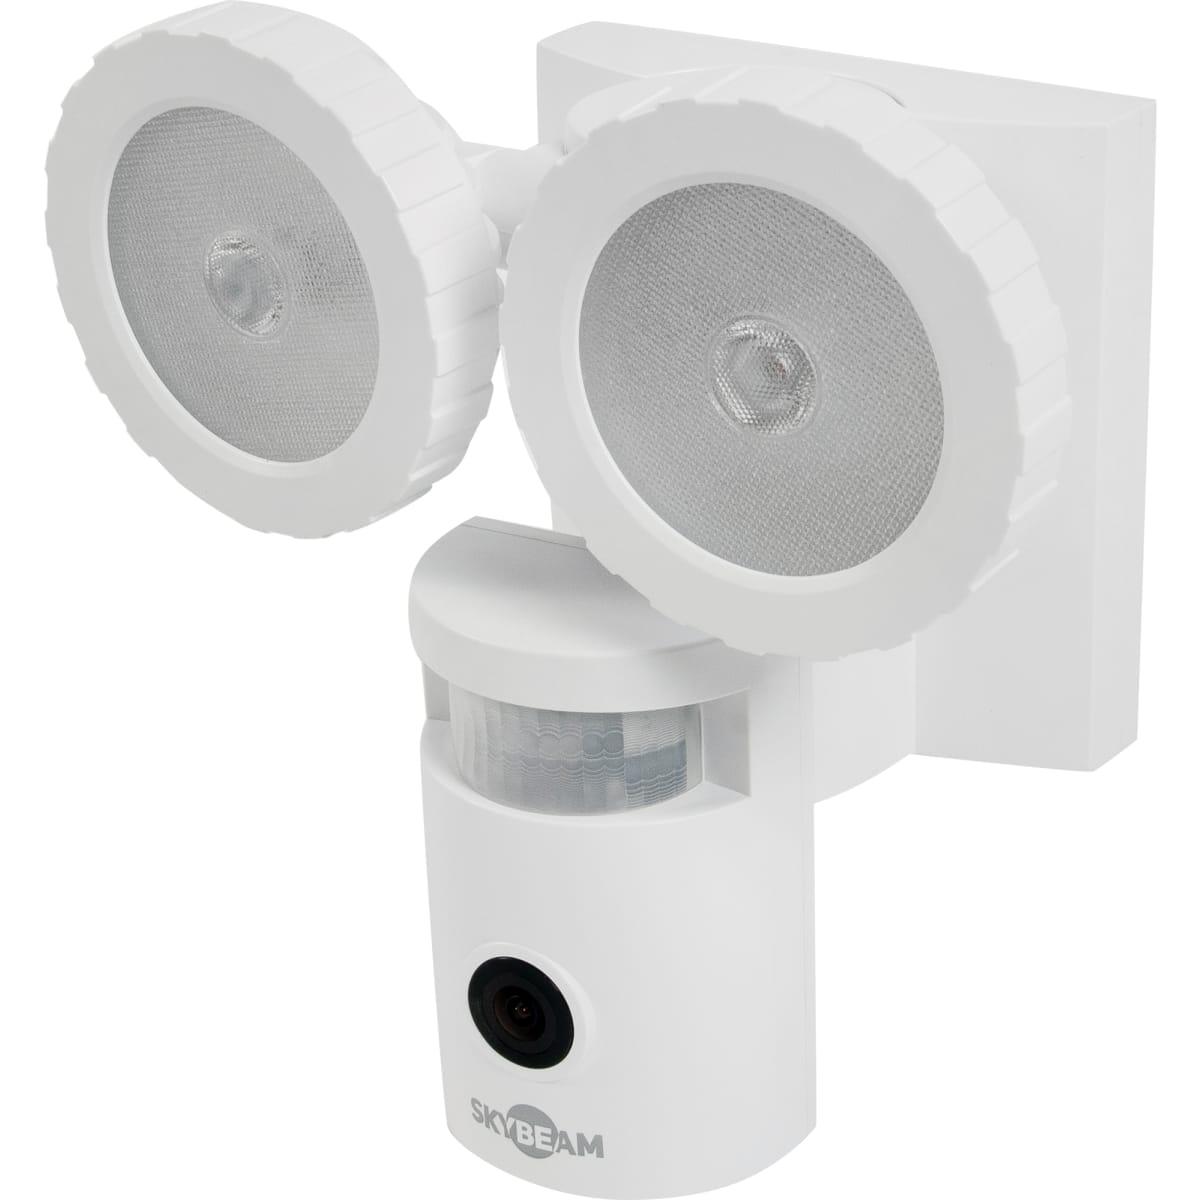 IP-камера уличная с прожектором и датчиком движения, с Wi-Fi